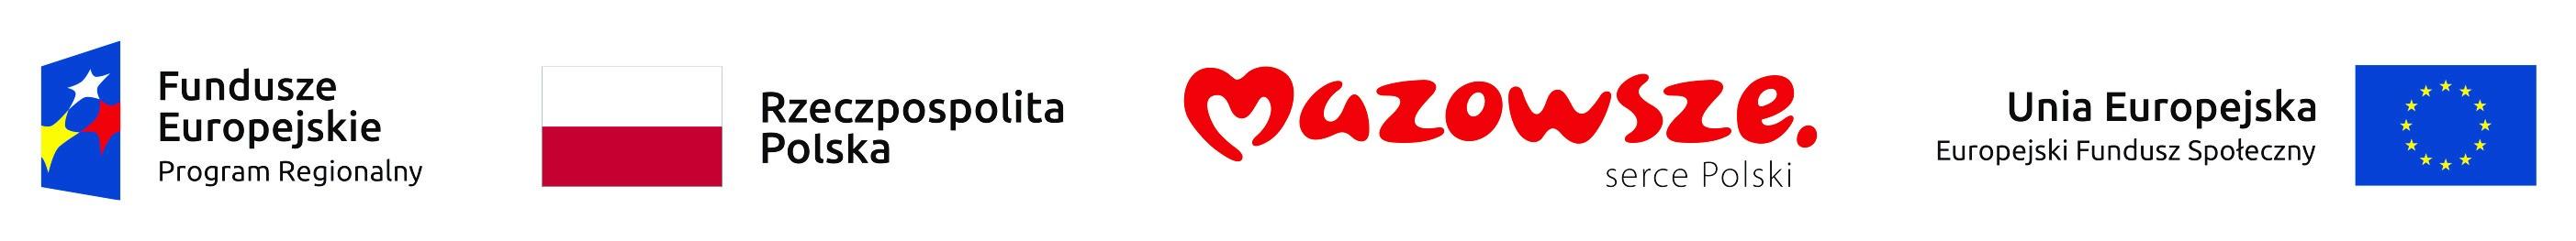 Logotypy - pozyskane dofinansowanie dla Szkoły Podstawowej nr 5 w Piasecznie